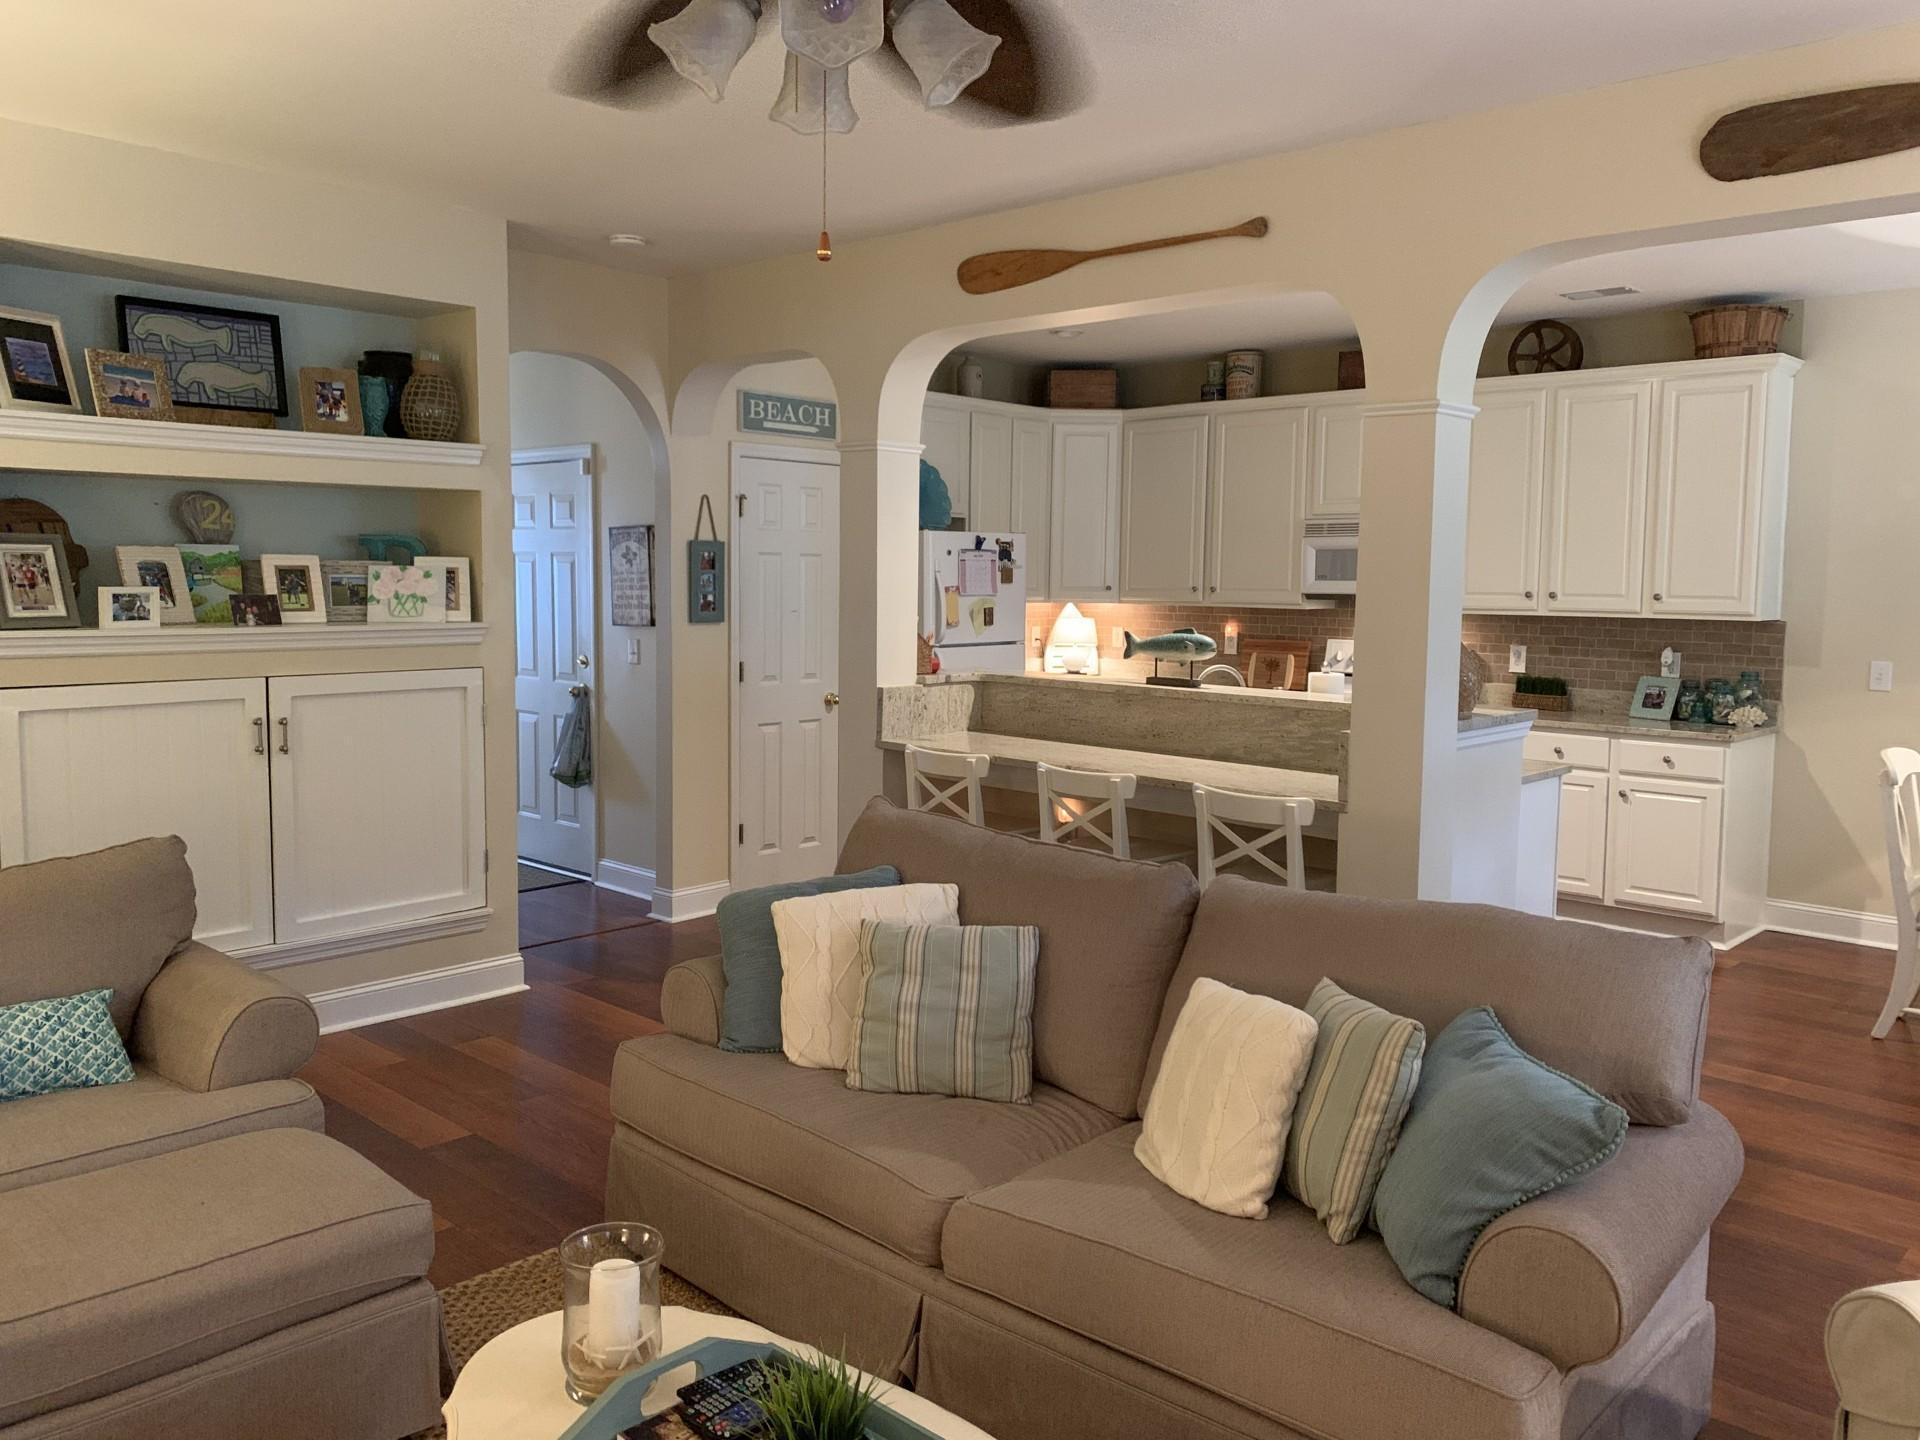 Park West Homes For Sale - 2455 Draymohr, Mount Pleasant, SC - 9